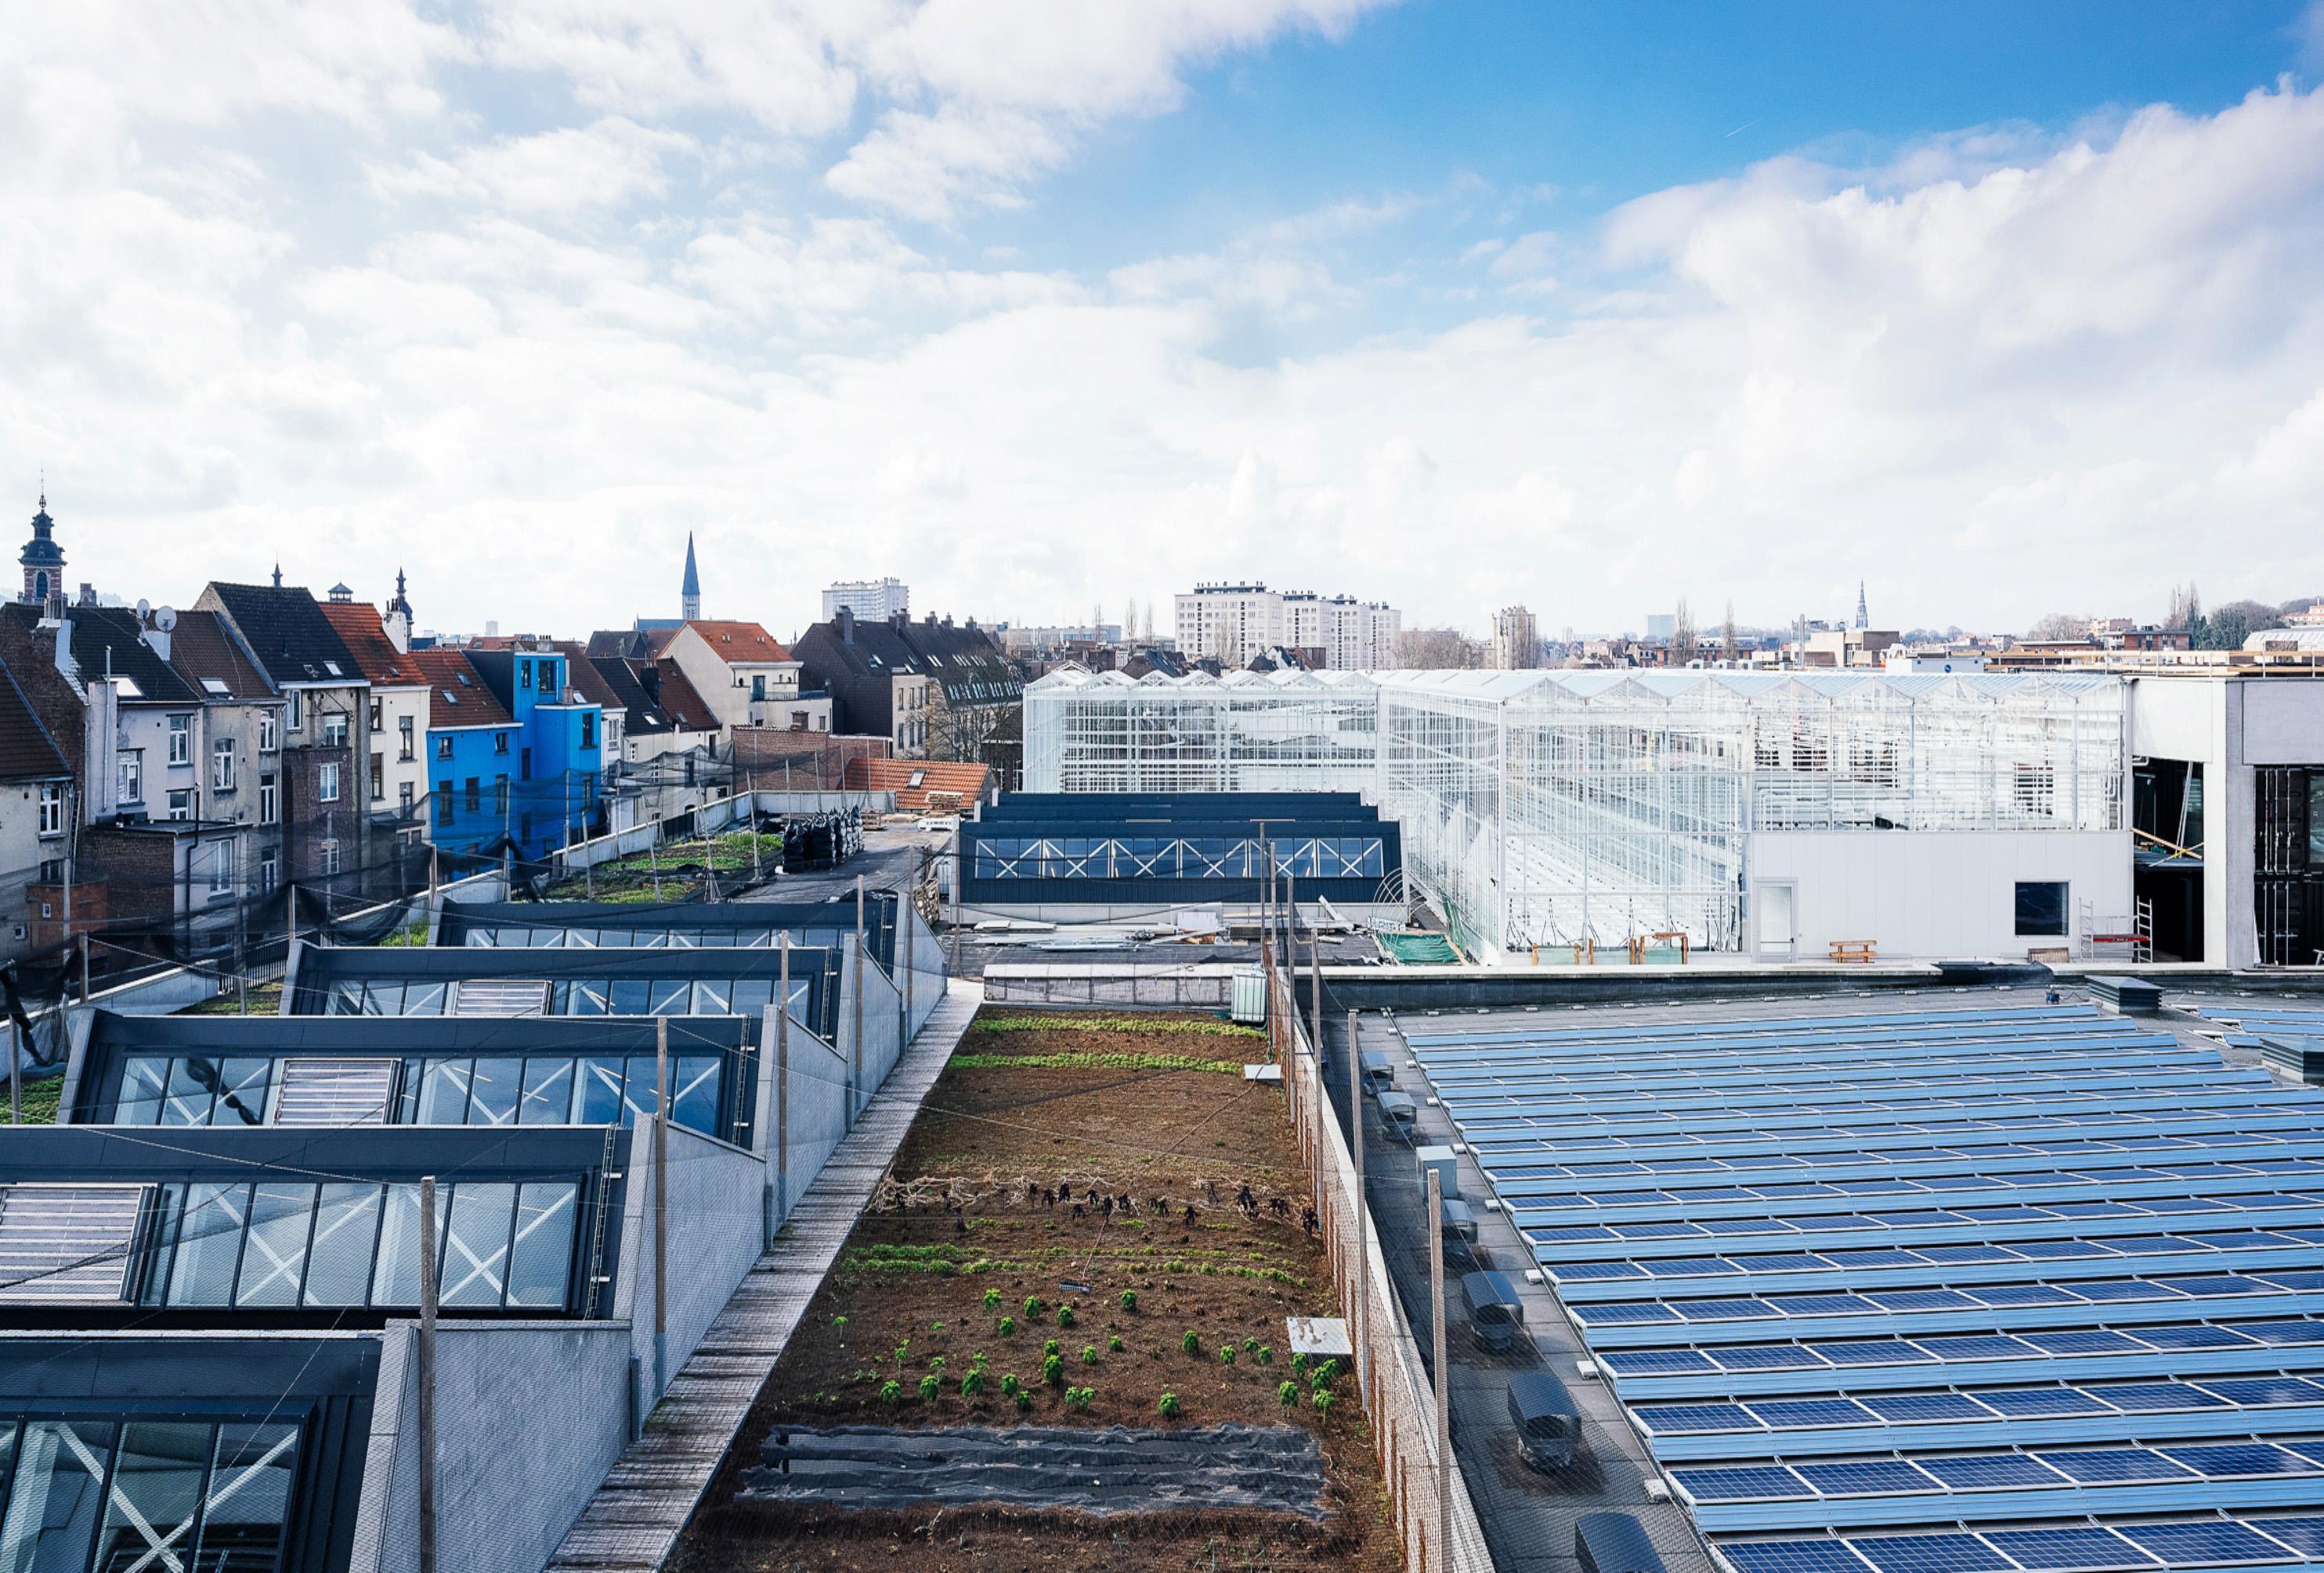 Serres de la ferme urbaine - Anderlecht -Belgique -  Derbigum